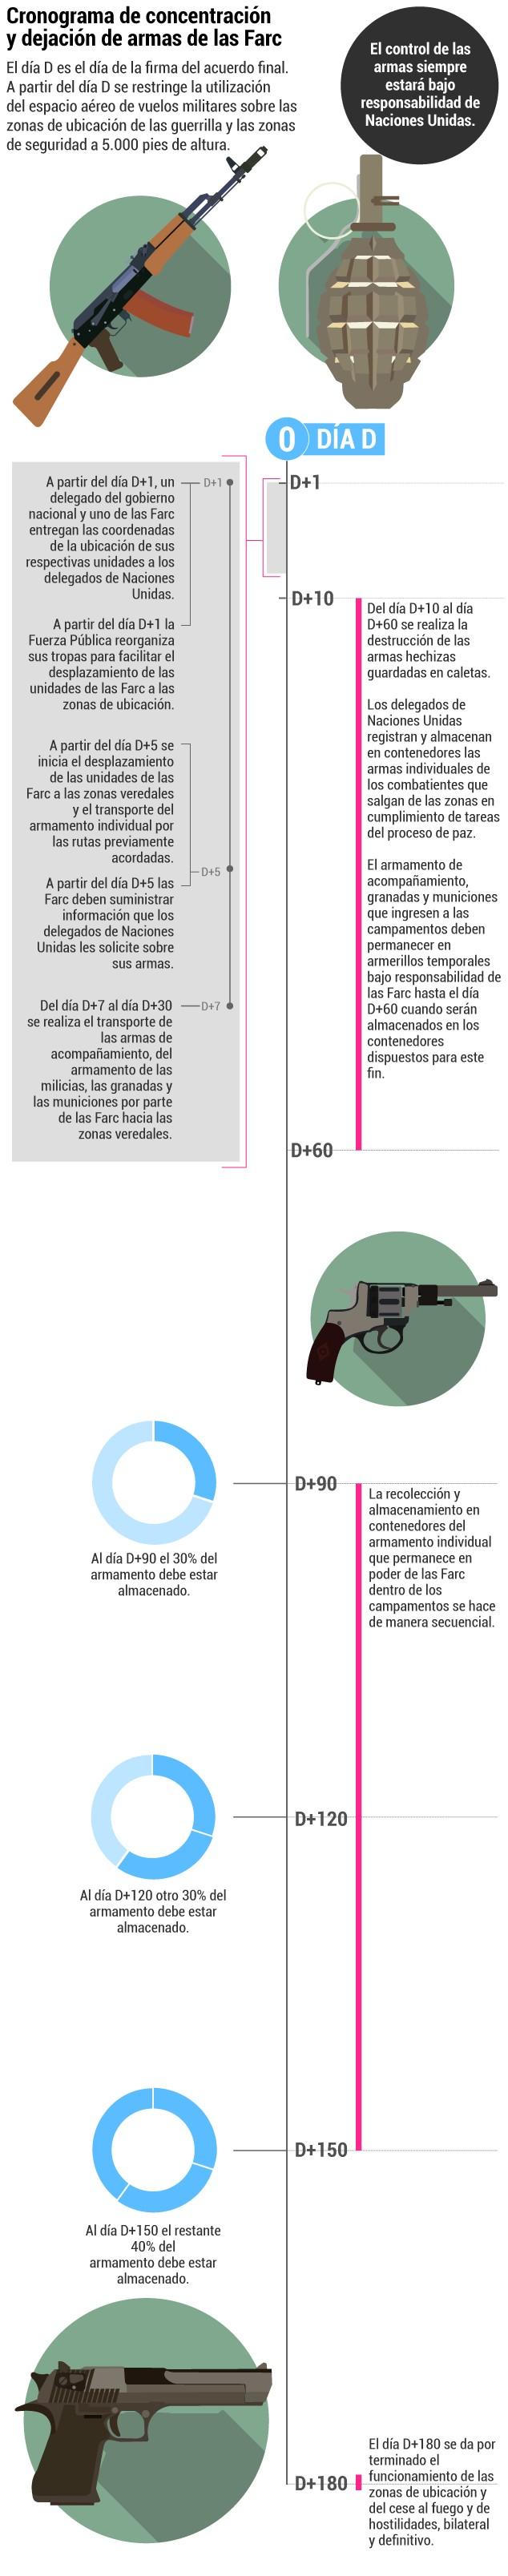 1606 proceso armas